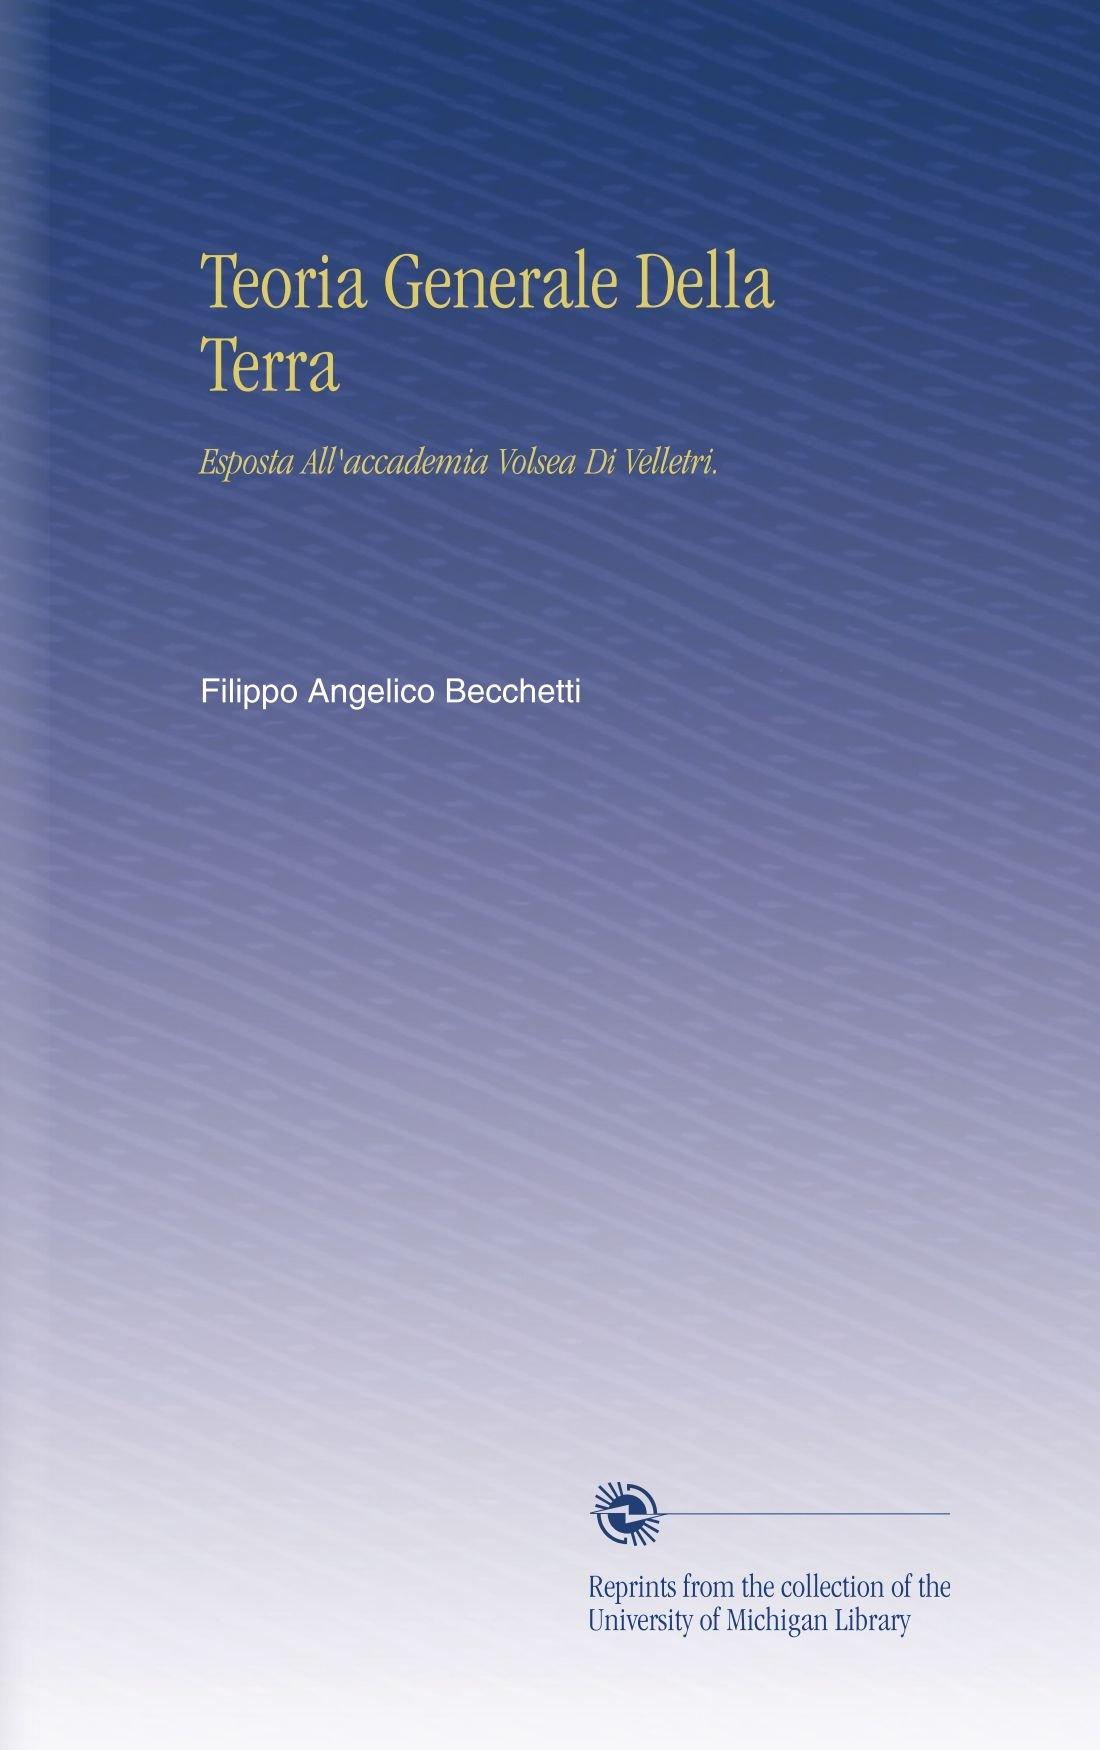 Download Teoria Generale Della Terra: Esposta All'accademia Volsea Di Velletri. (Italian Edition) pdf epub